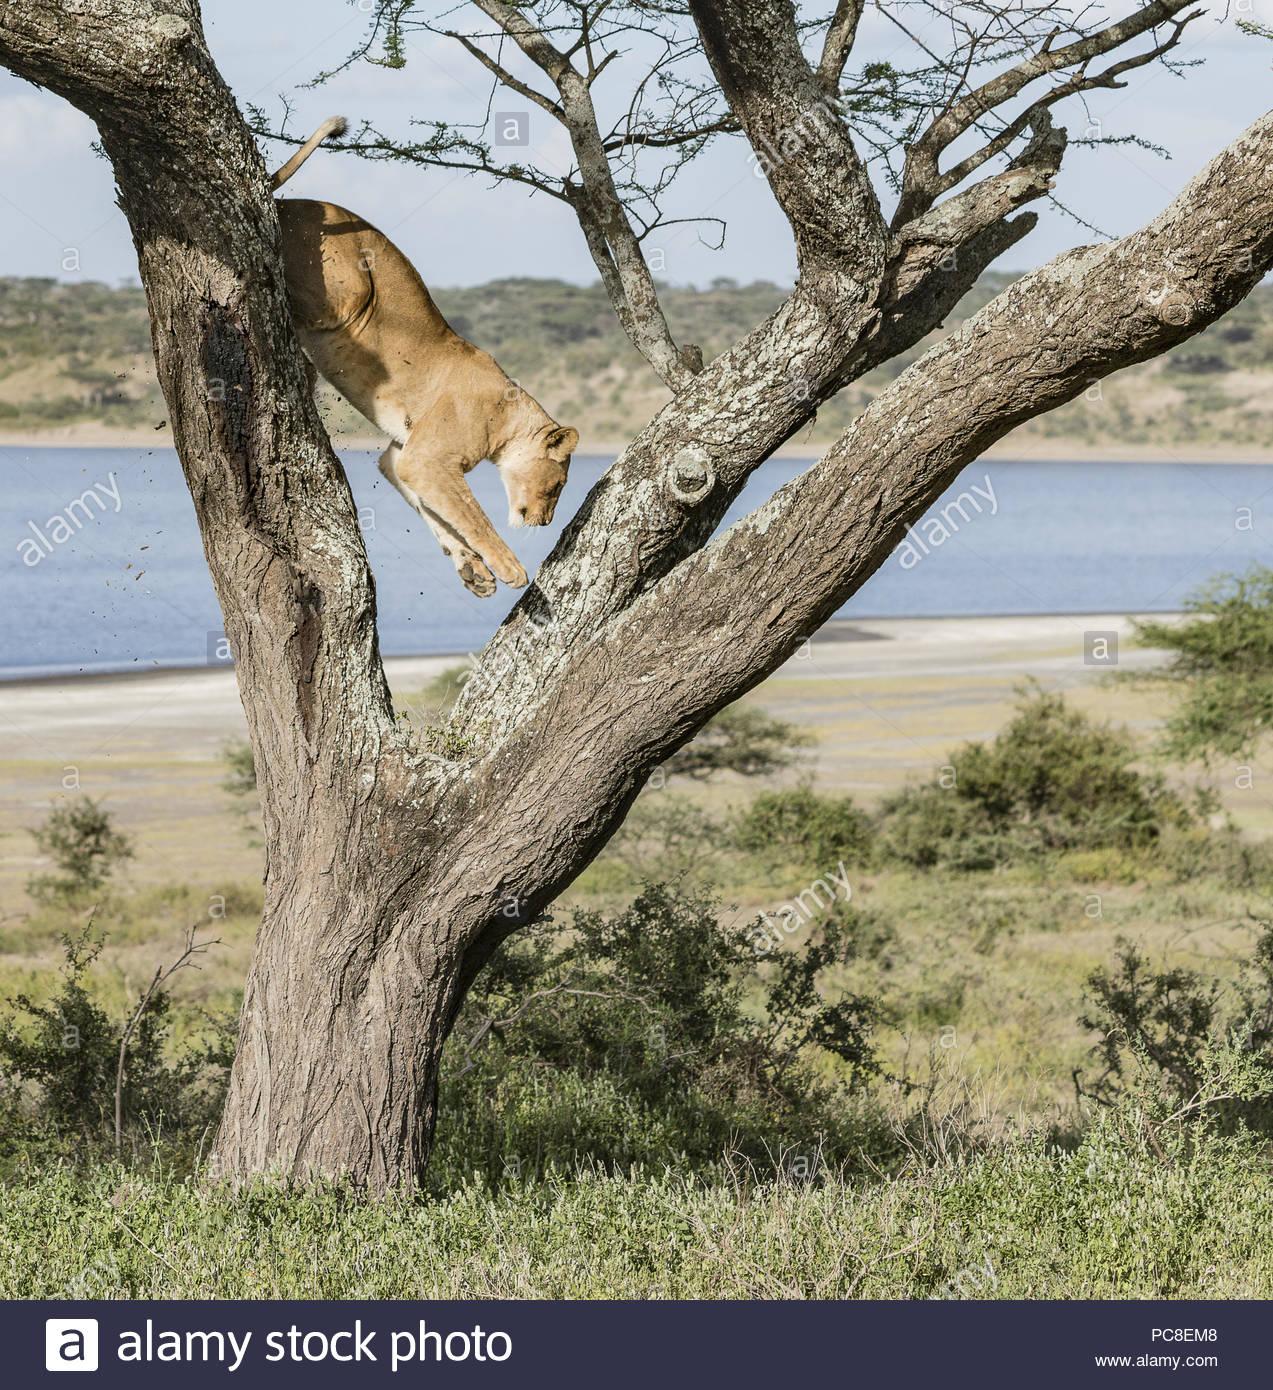 Une lionne bondit vers le bas de la branche d'un acacia. Photo Stock